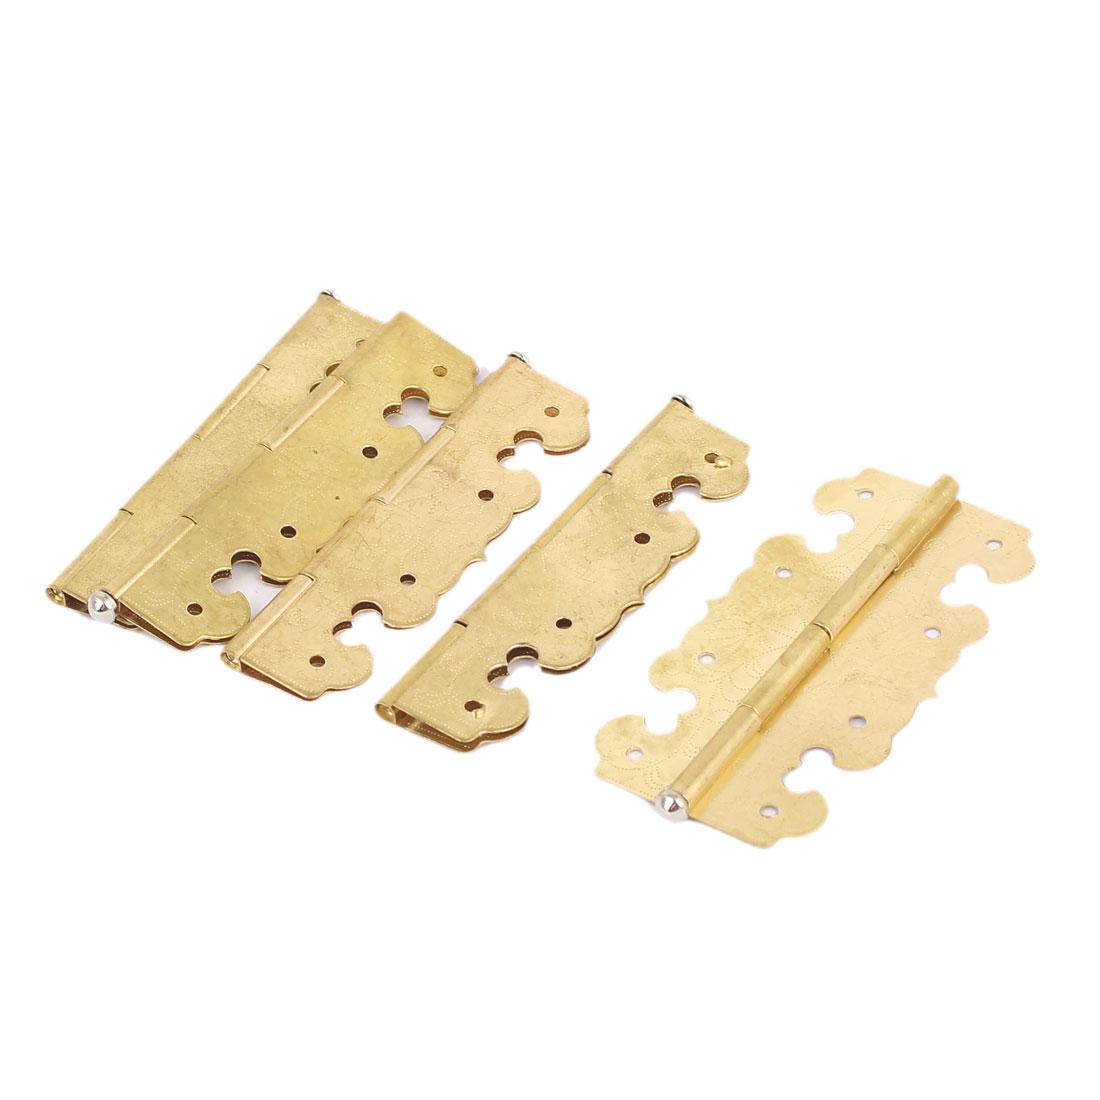 Cupboard Drawer Cabinet Brass Door Hinge 67mm x 34mm 5PCS